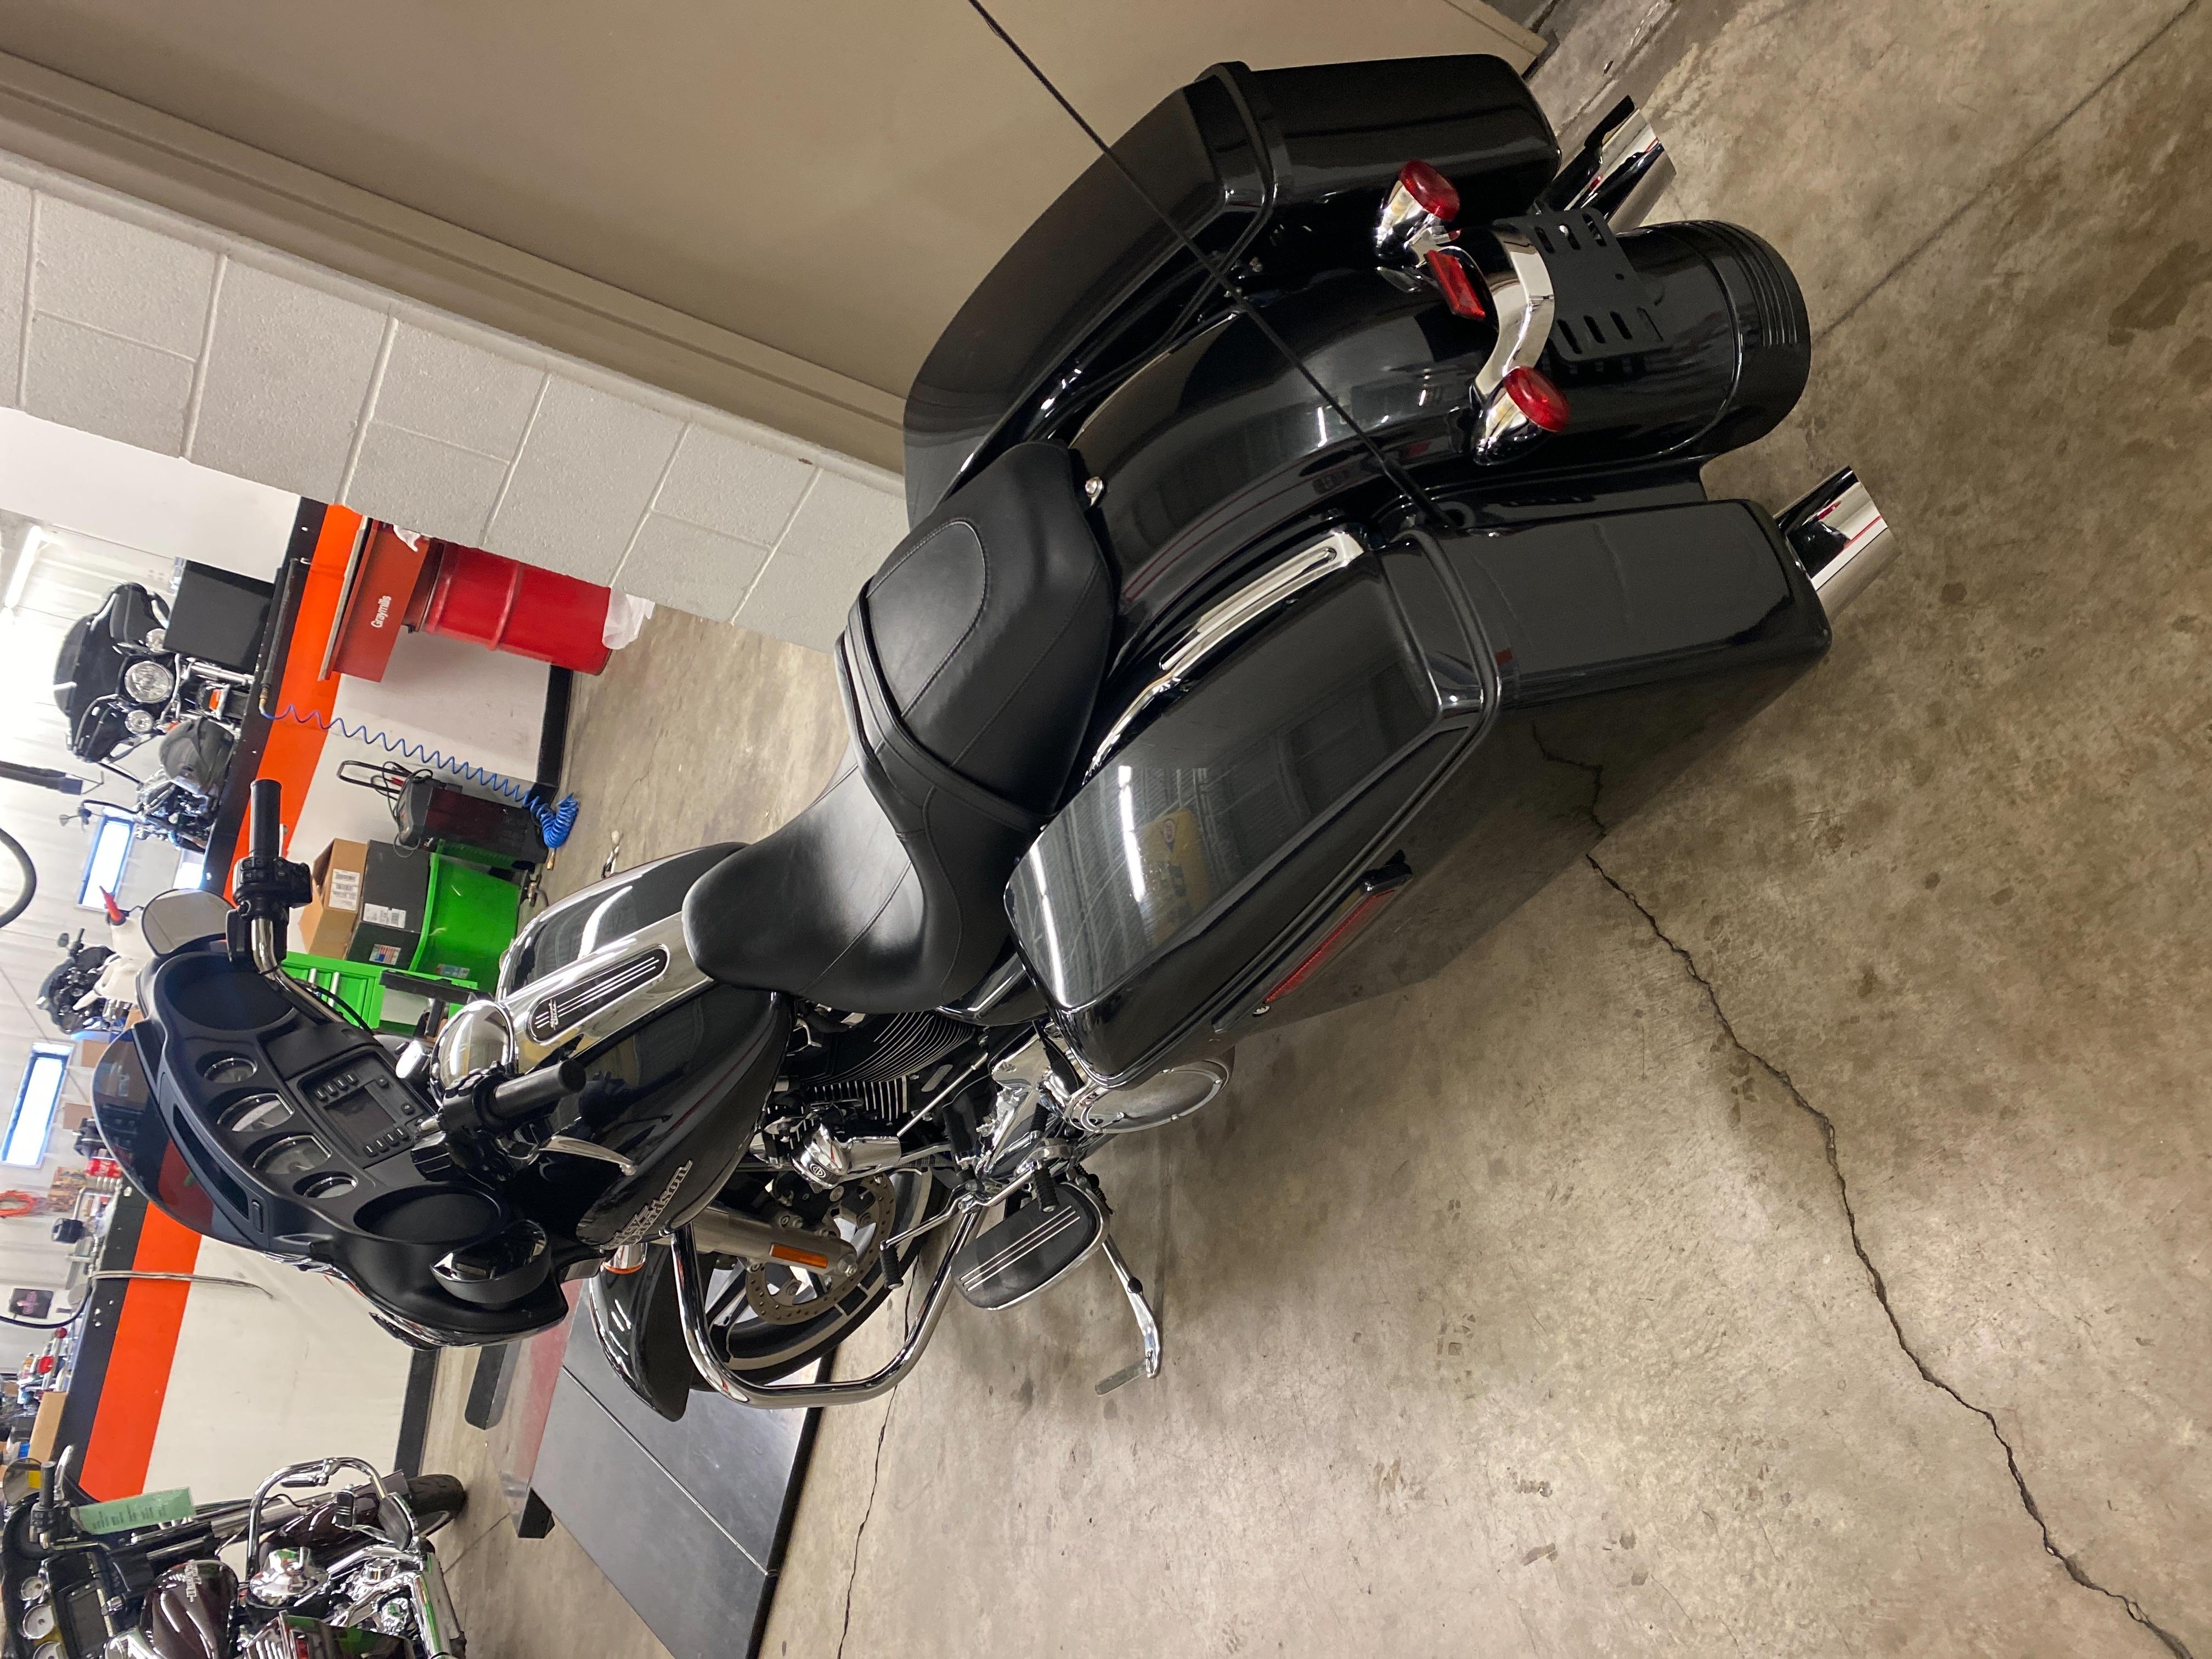 2018 Harley-Davidson Street Glide Base at Outpost Harley-Davidson